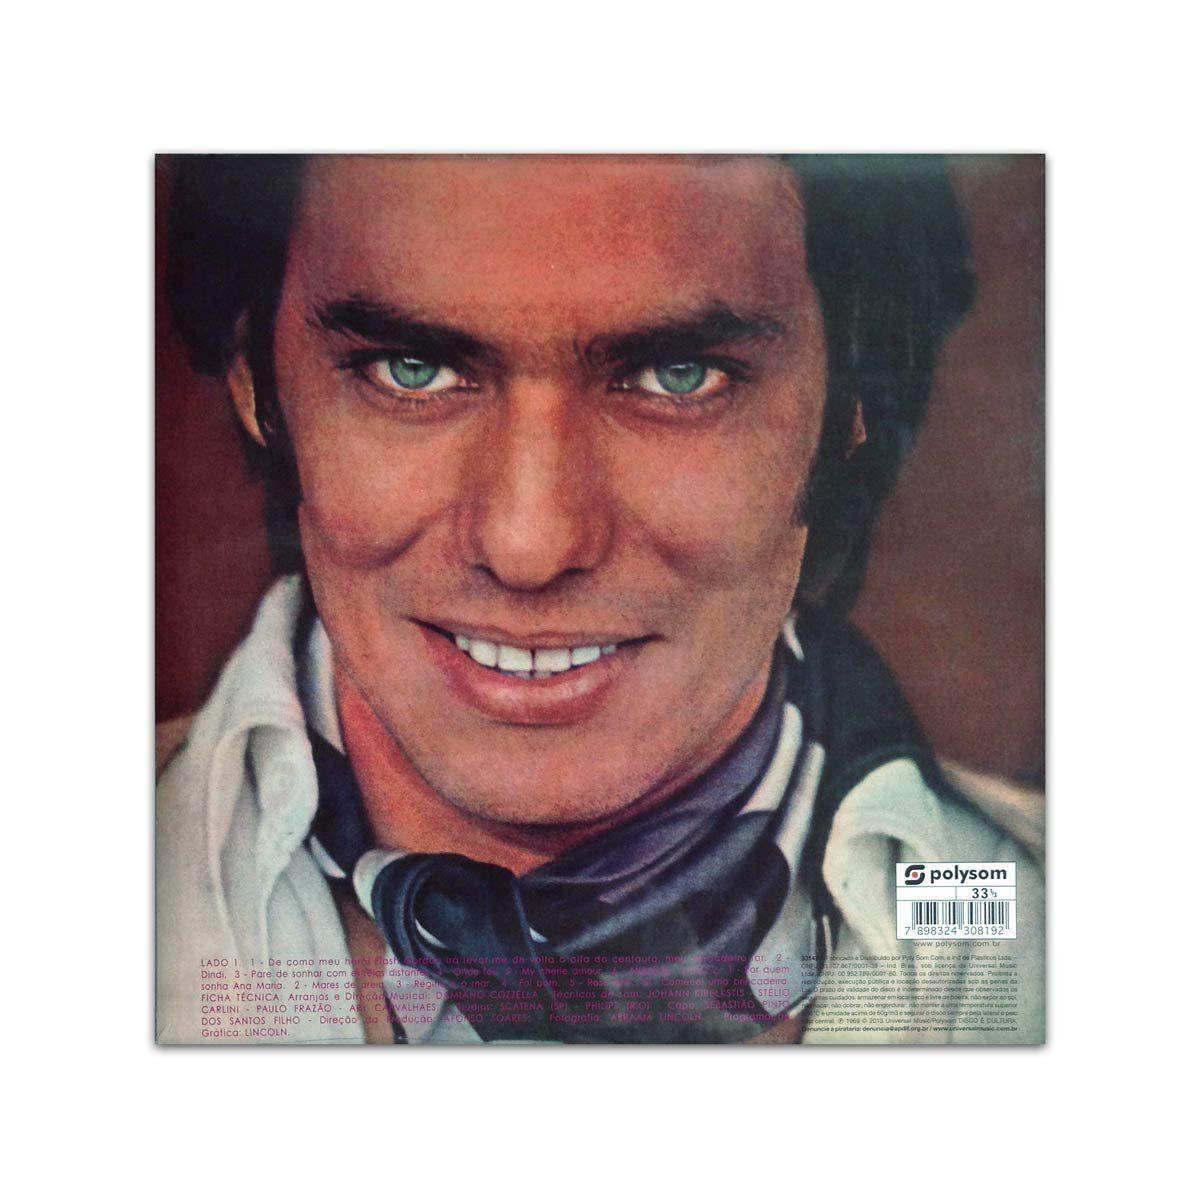 LP Ronnie Von A Misteriosa Luta do Reino de Parassempre Contra o Império de Nuncamais  - bandUP Store Marketplace